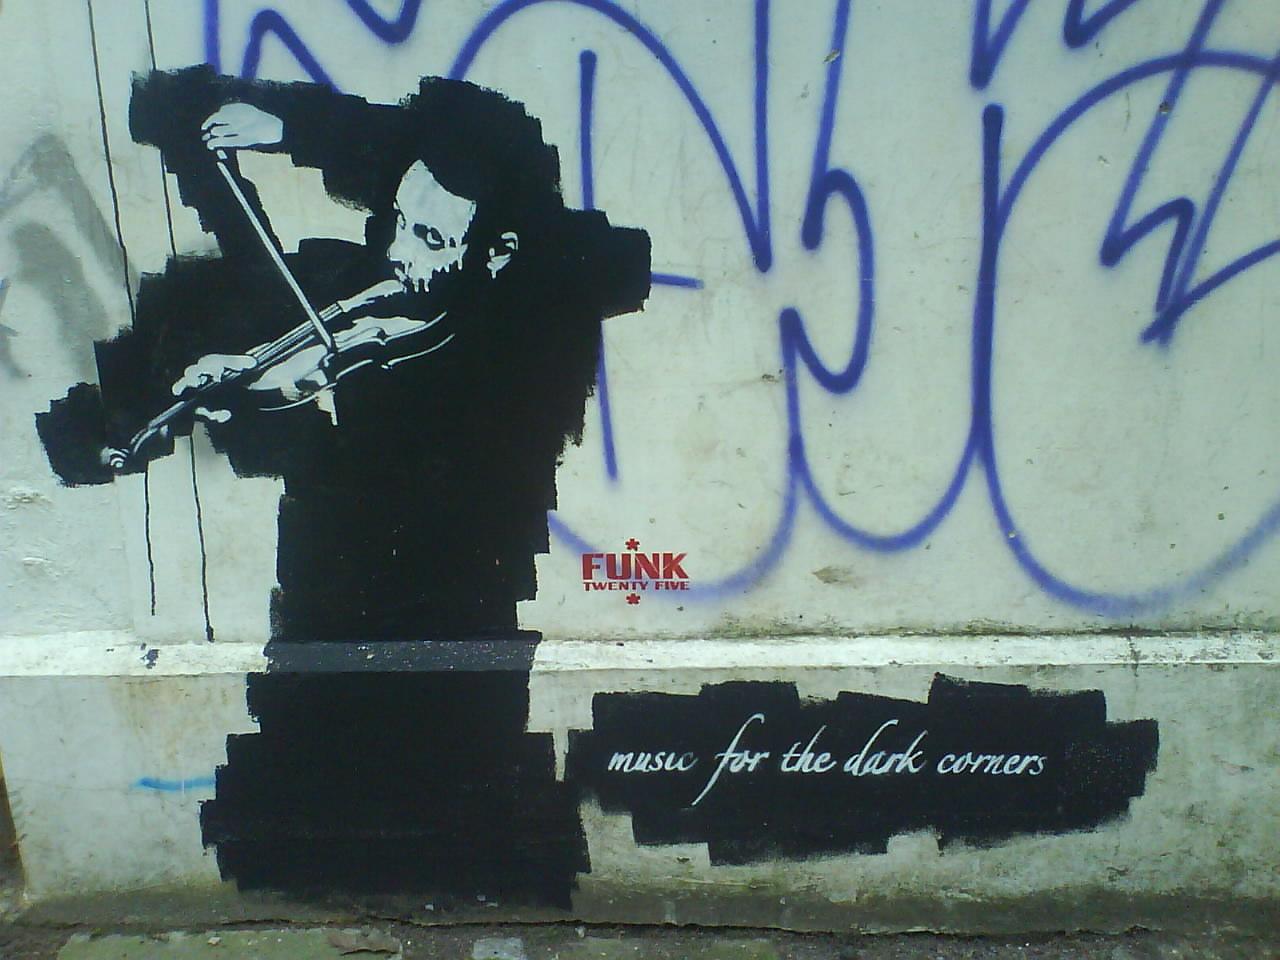 Funk 25 Street Art